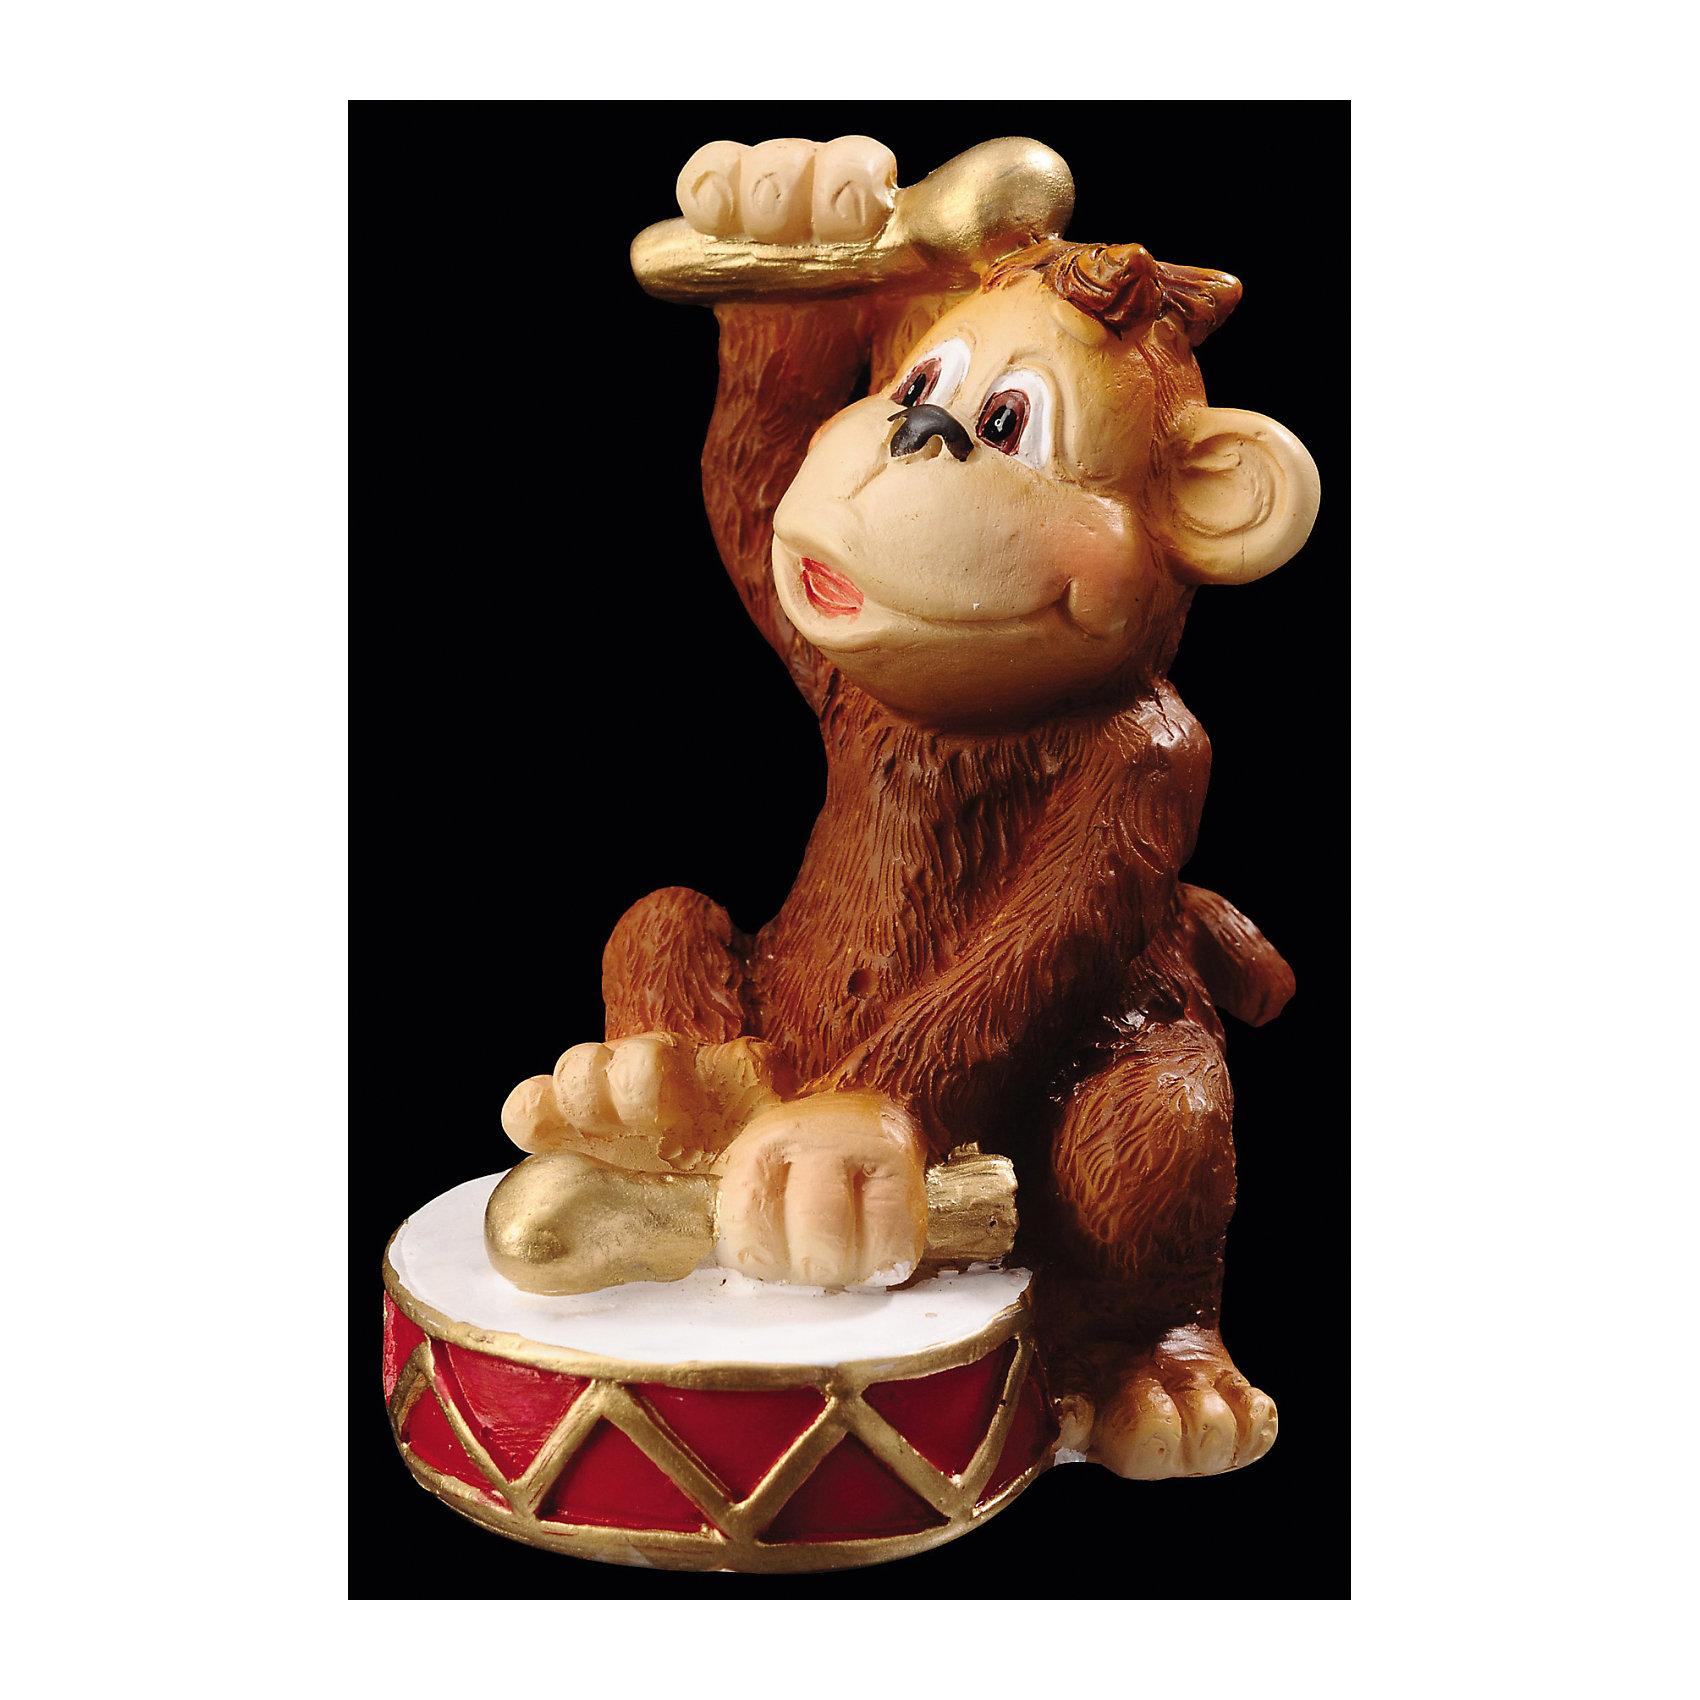 Сувенир Музыкальный павиан 7 смСувенир Музыкальный павиан 7 см представляет собой объемную фигурку обезьянки, которая бьет в барабан, возвещая о приходе года огненной обезьяны! Небольшой сувенир послужит замечательным мини-презентом коллегам, близким и друзьям на Новый Год, который будет талисманом в течение всего 2016 года и принесет в дом счастье, удачу и финансовое благополучие!<br><br>Дополнительная информация:<br>-Материалы: полирезина<br>-Размер в упаковке: 5х4,5х7 см<br>-Вес в упаковке: 52 г<br>-Размер: 7 см<br><br>Сувенир Музыкальный павиан 7 см можно купить в нашем магазине.<br><br>Ширина мм: 50<br>Глубина мм: 45<br>Высота мм: 70<br>Вес г: 52<br>Возраст от месяцев: 84<br>Возраст до месяцев: 2147483647<br>Пол: Унисекс<br>Возраст: Детский<br>SKU: 4286673